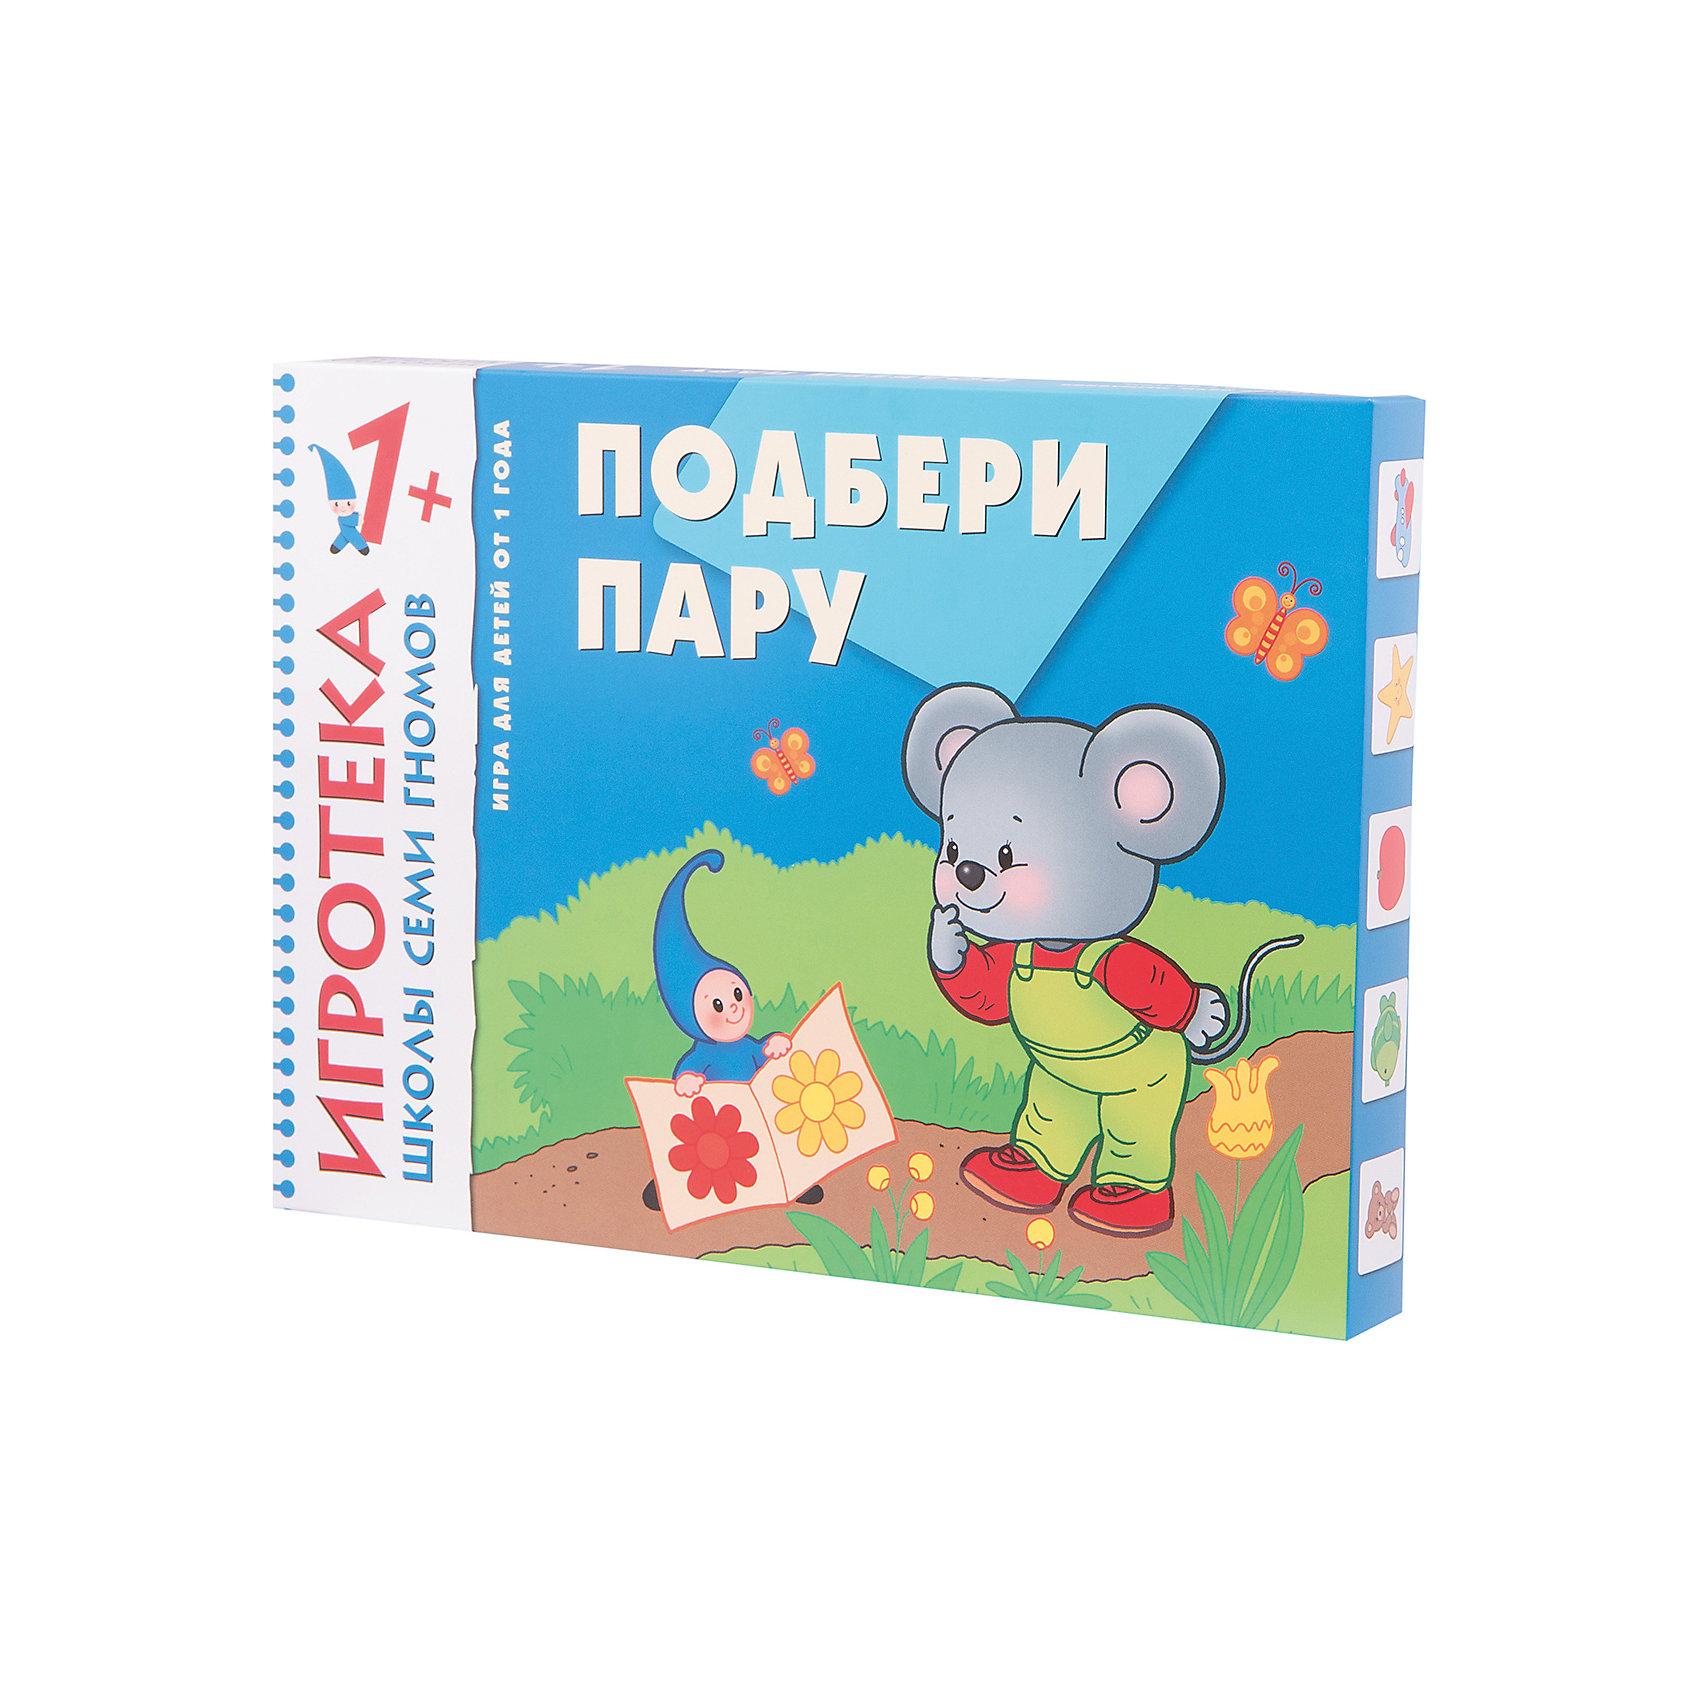 """Школа Семи Гномов Развивающая игра """"Подбери пару"""", Школа семи гномов"""